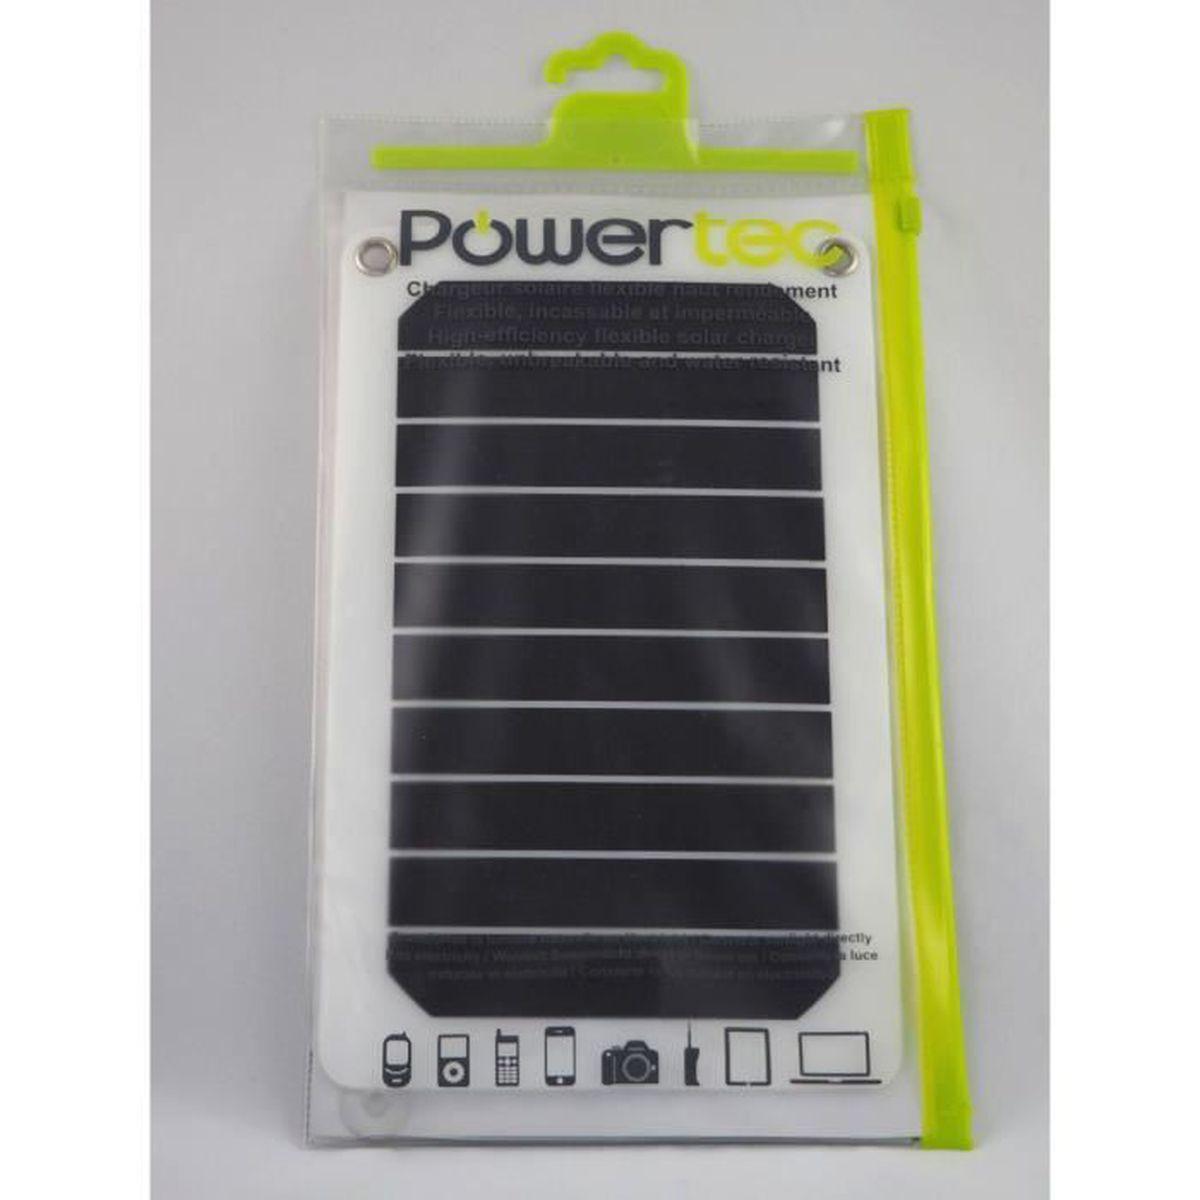 panneau solaire sun flex 19 5 cm blanc achat vente kit photovoltaique cdiscount. Black Bedroom Furniture Sets. Home Design Ideas